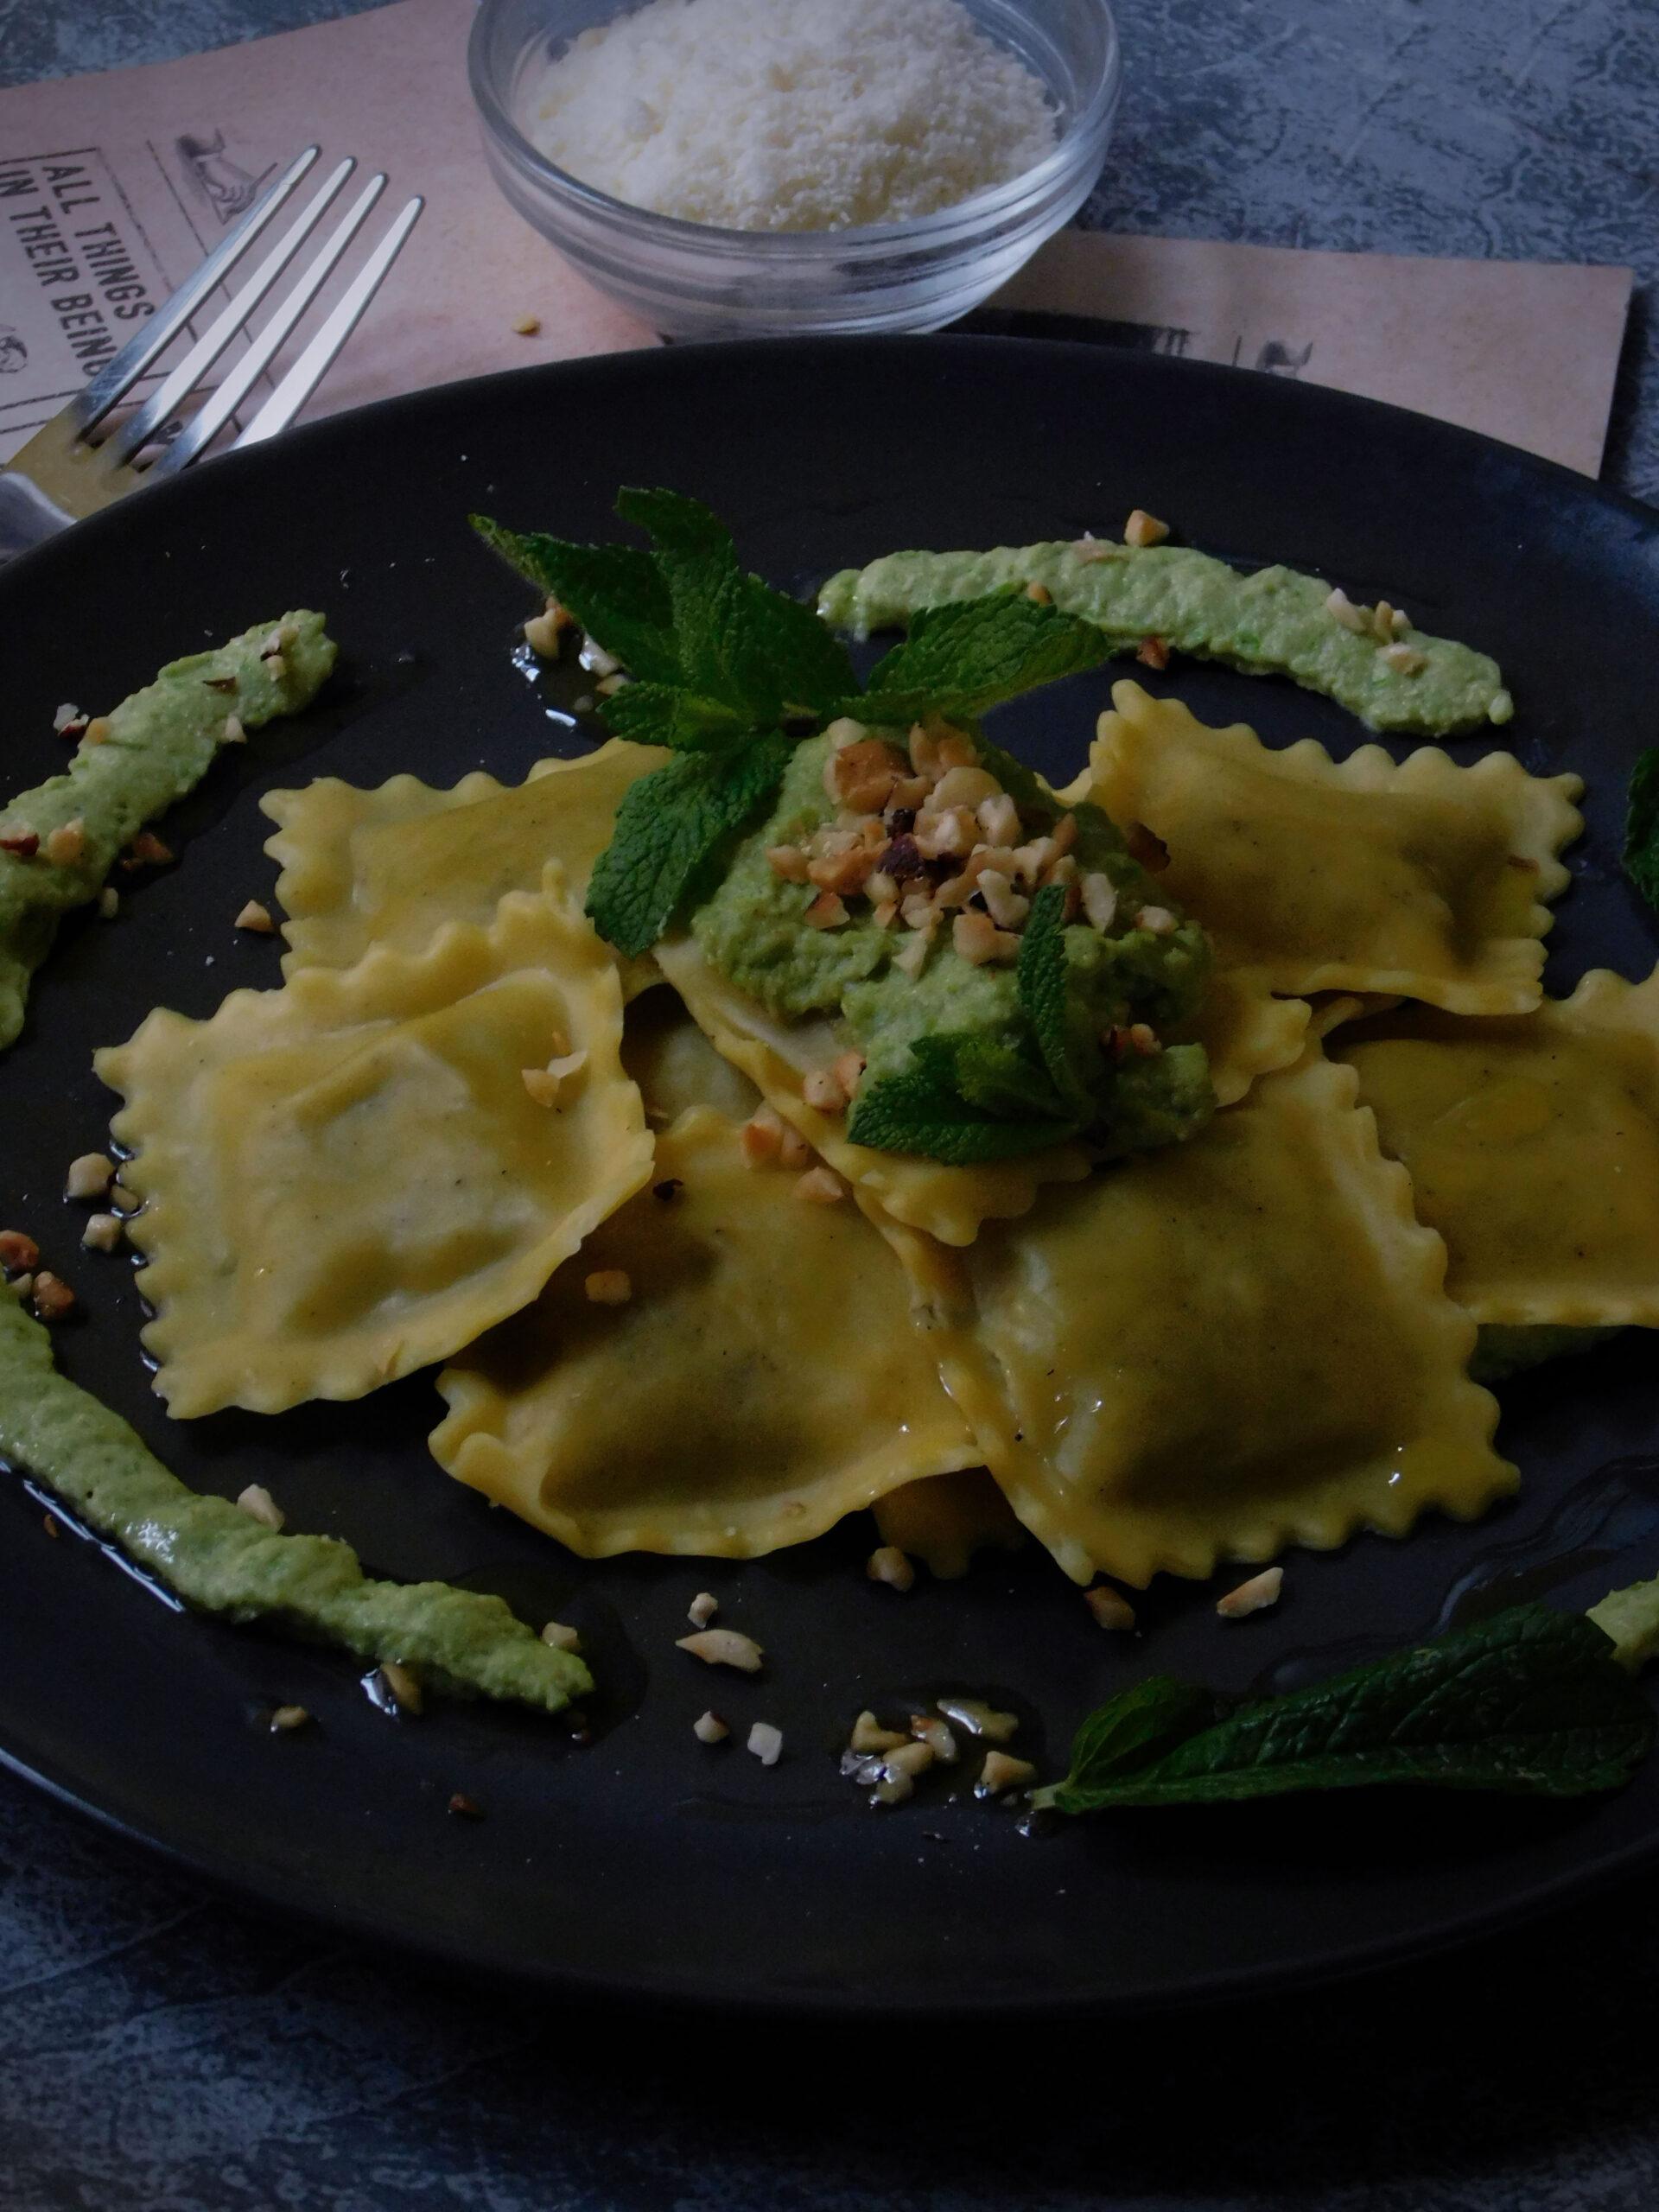 Ravioloni Baccalà e olive con crema di pisellini